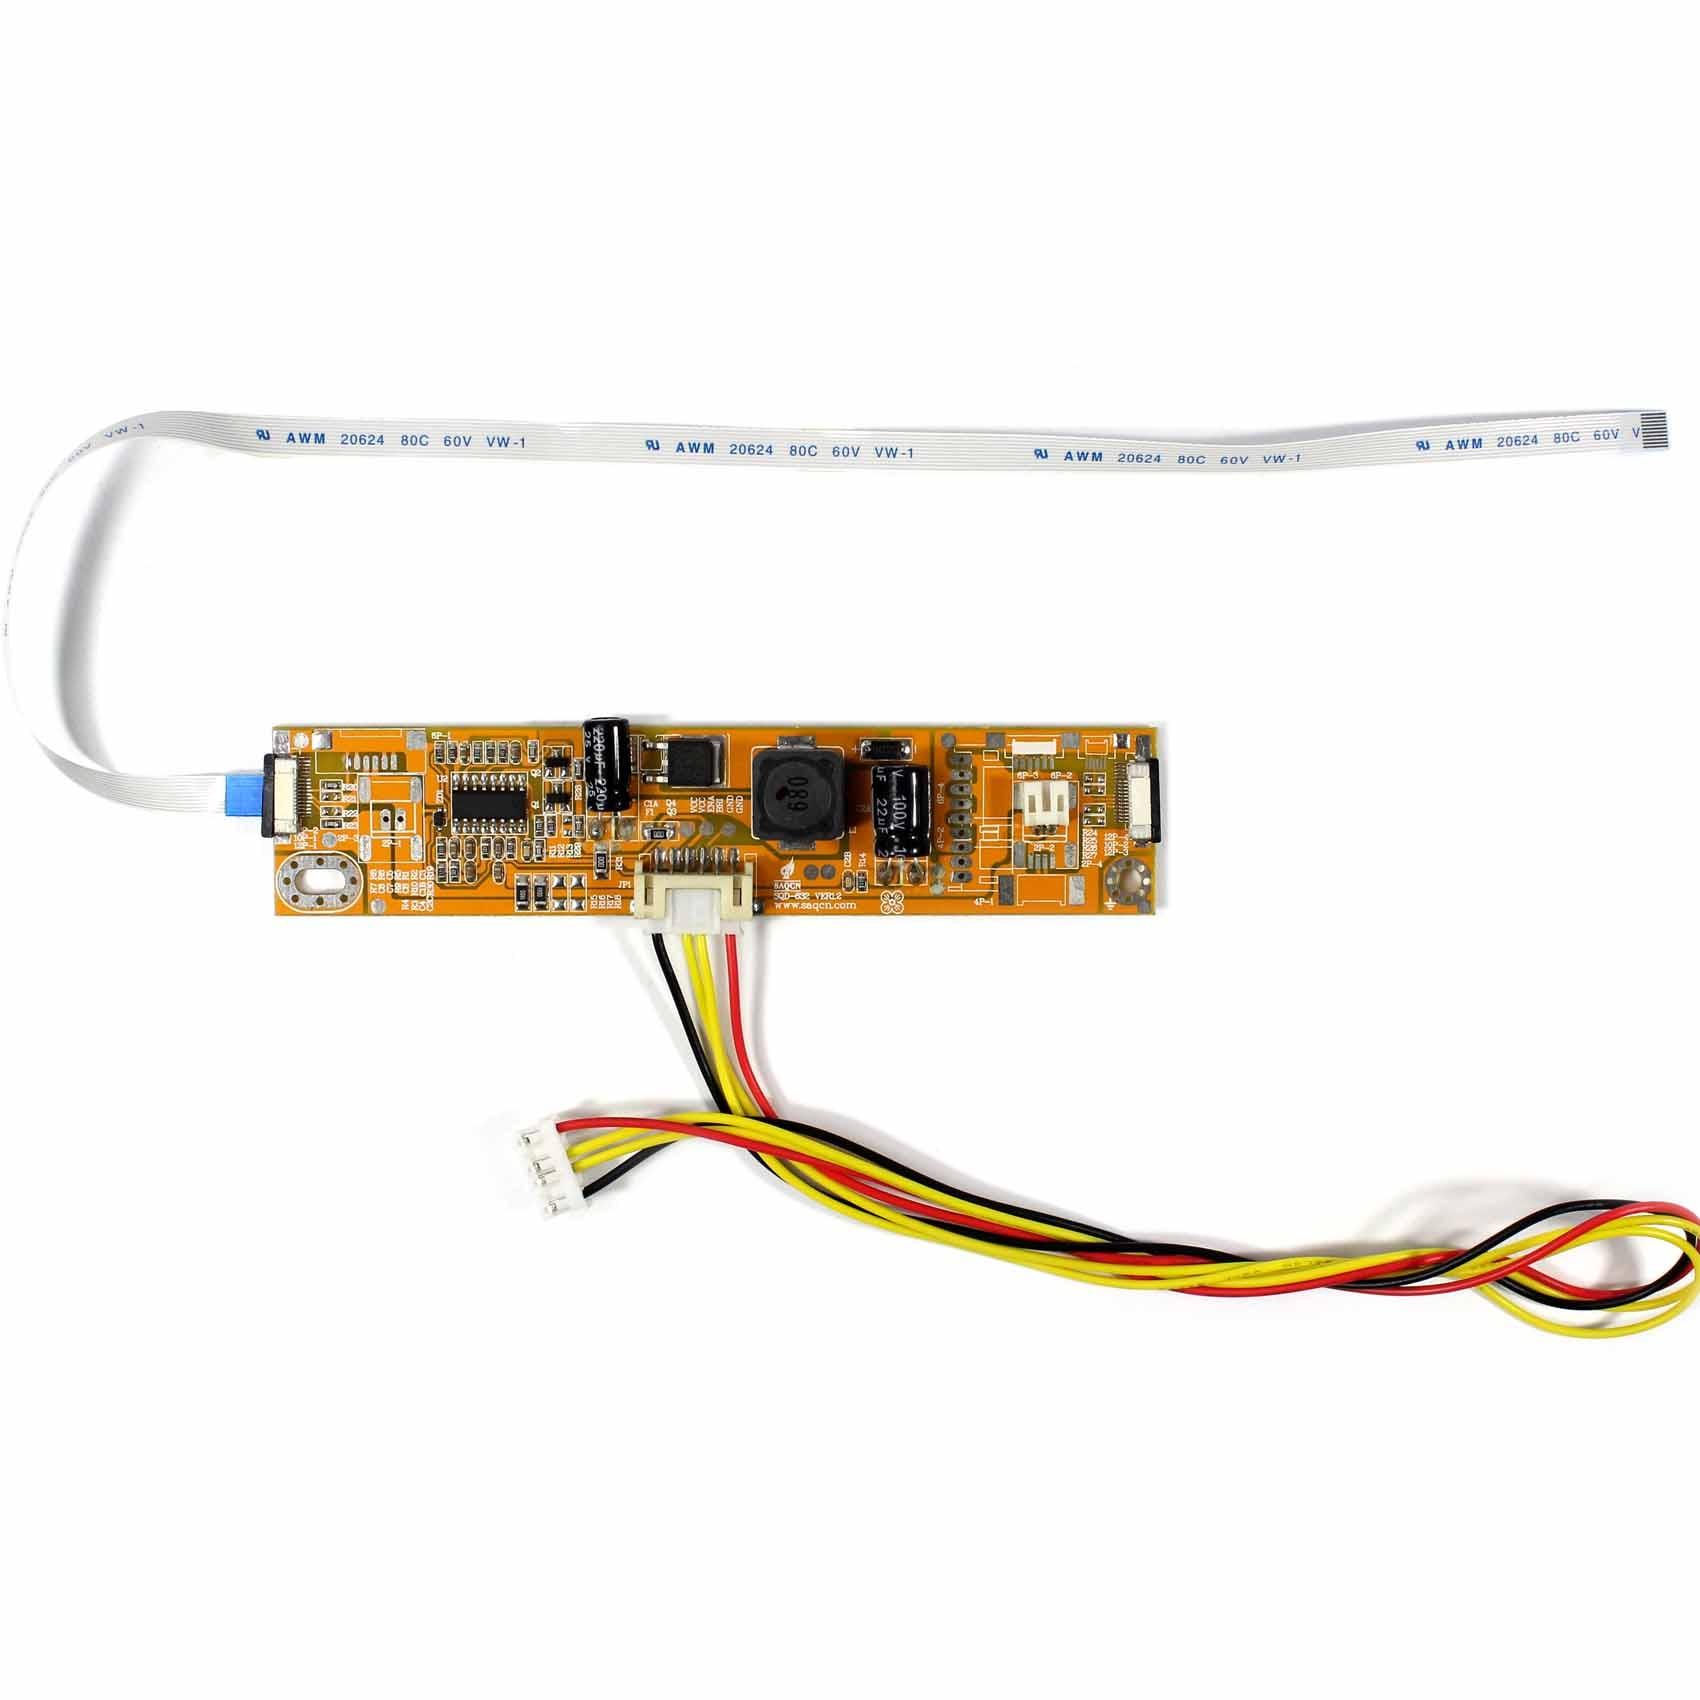 Inventer de placa Placa de refuerzo para MT215DW02 V0 MT190AW02 V4 LM185WH2-TLA1 CLAA215FA04 V1 M215HW01 V6 CLAA185WA04 V1 M185XW01 V6/V7 Qi/PPE de enfriamiento de aire OnePlus cargador inalámbrico 30W Warp Carga inteligente dormir modo PC V0 300g para OnePlus 8 Pro